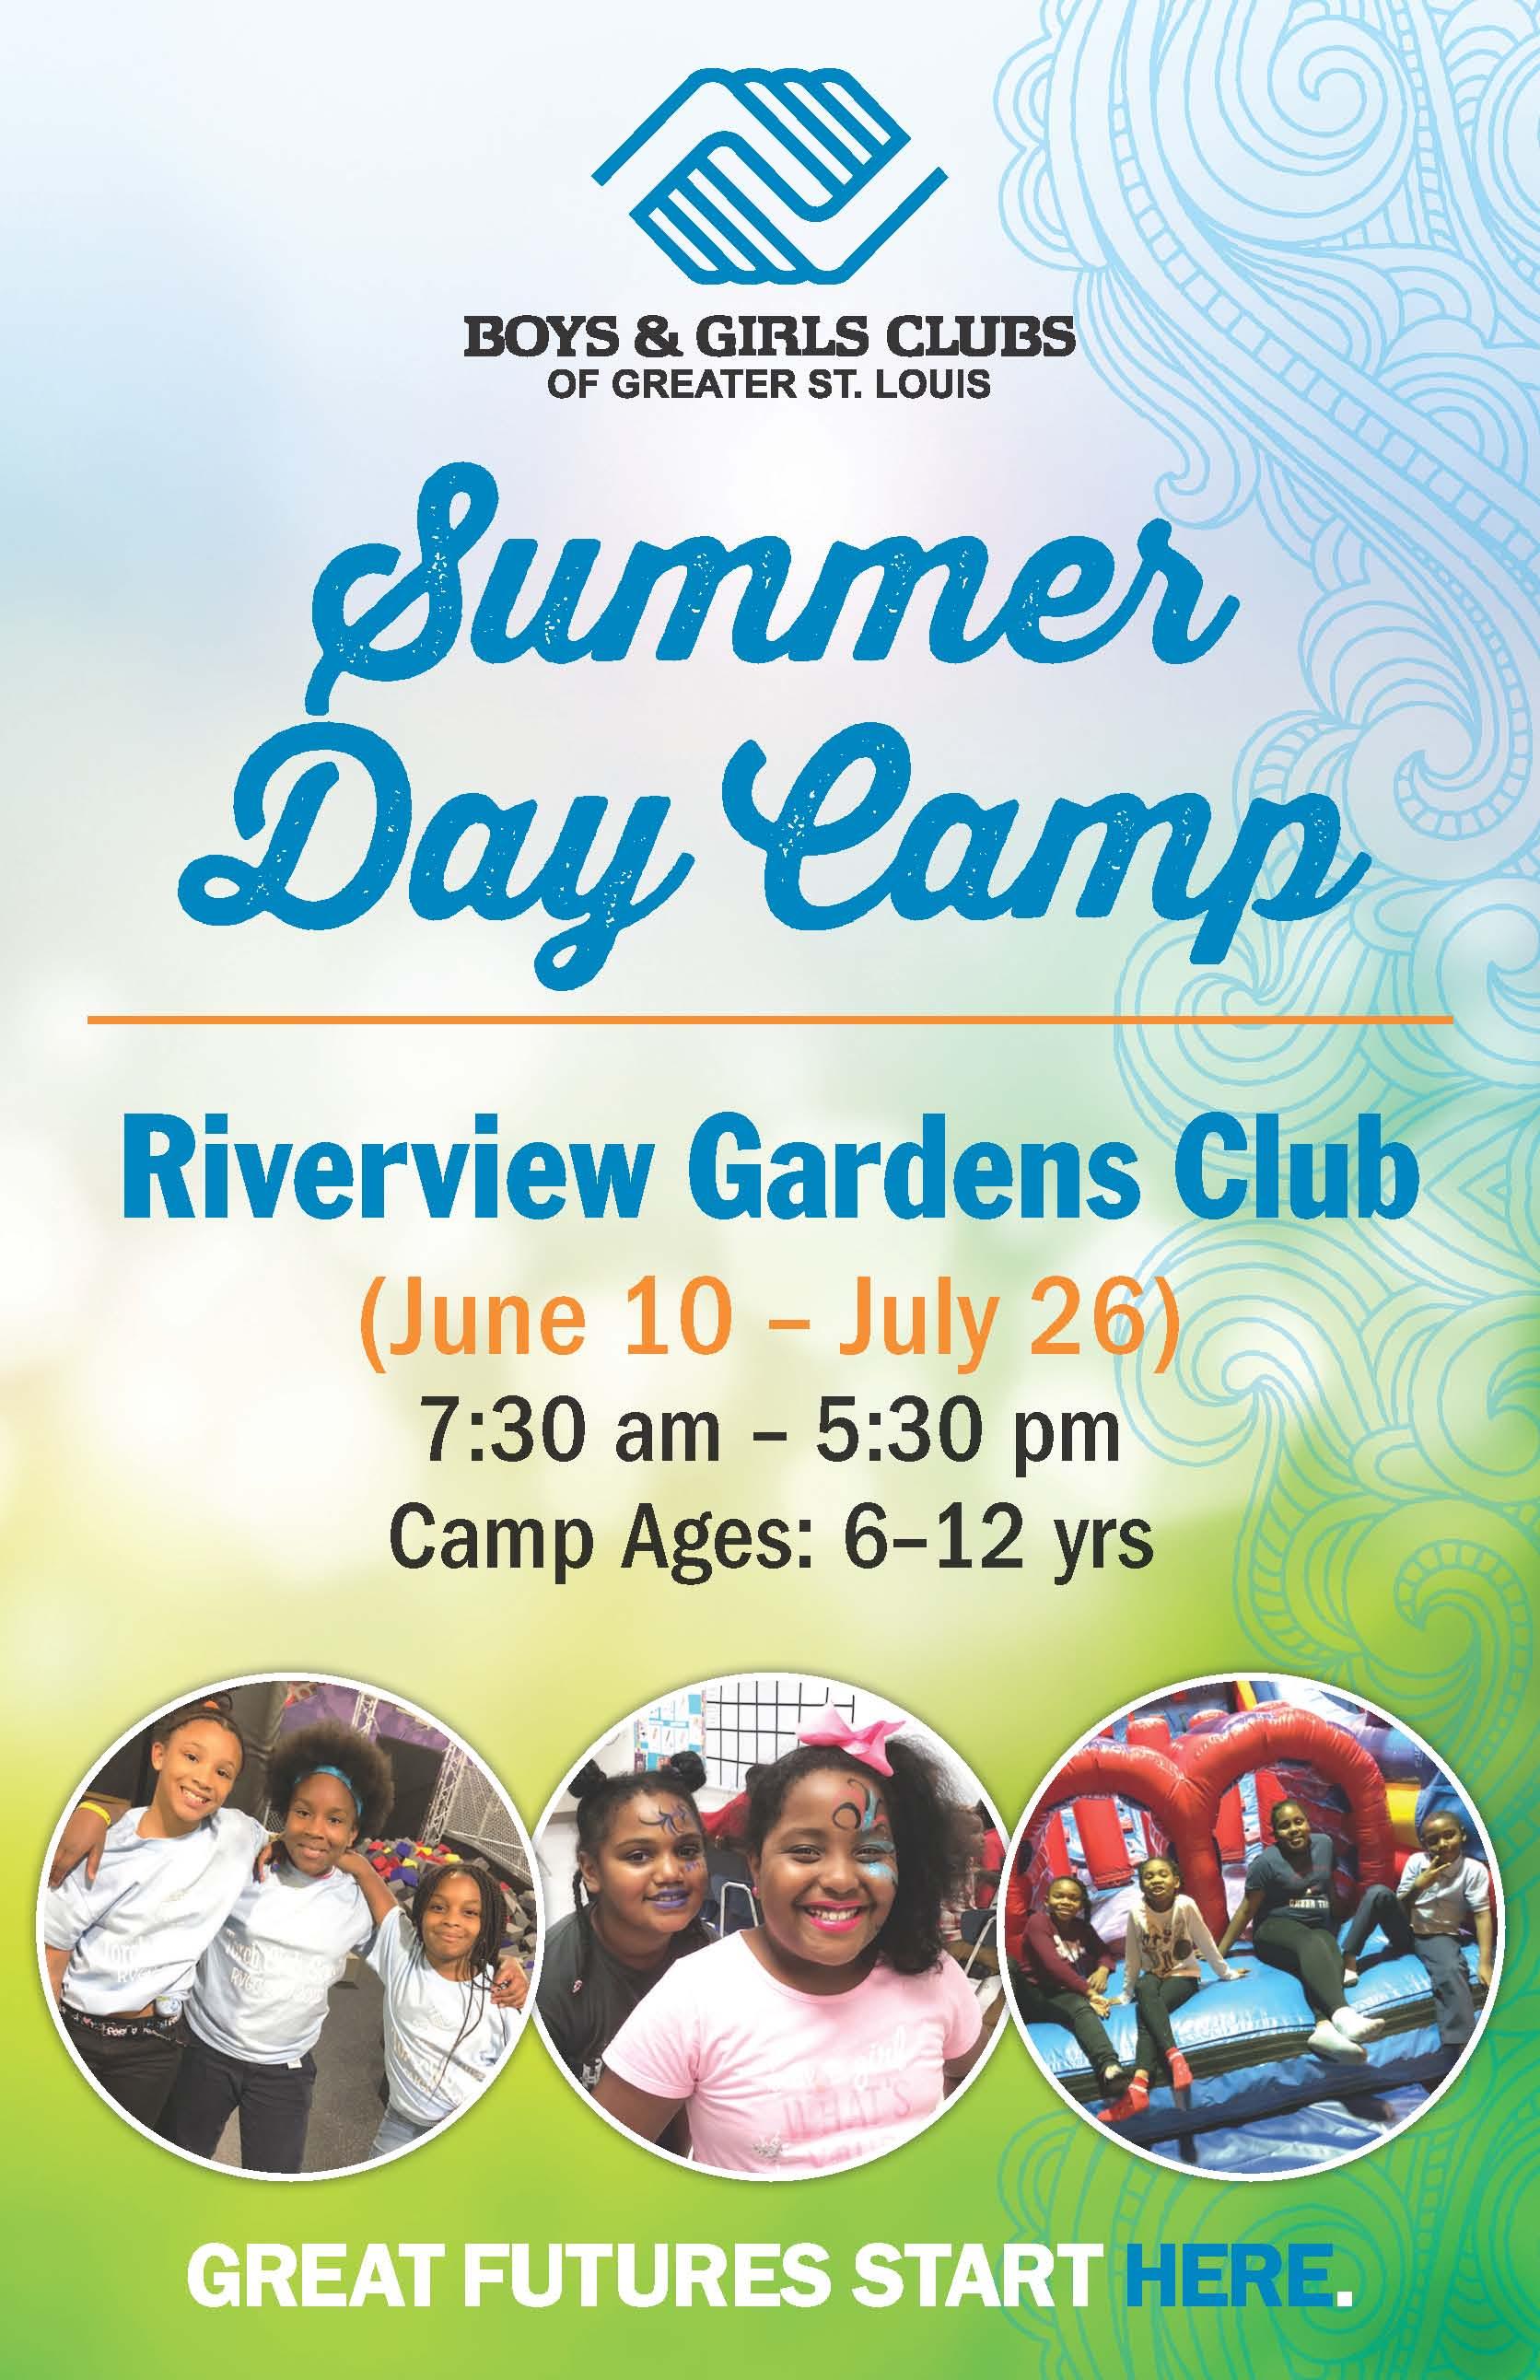 Summer Camp | Boys & Girls Clubs